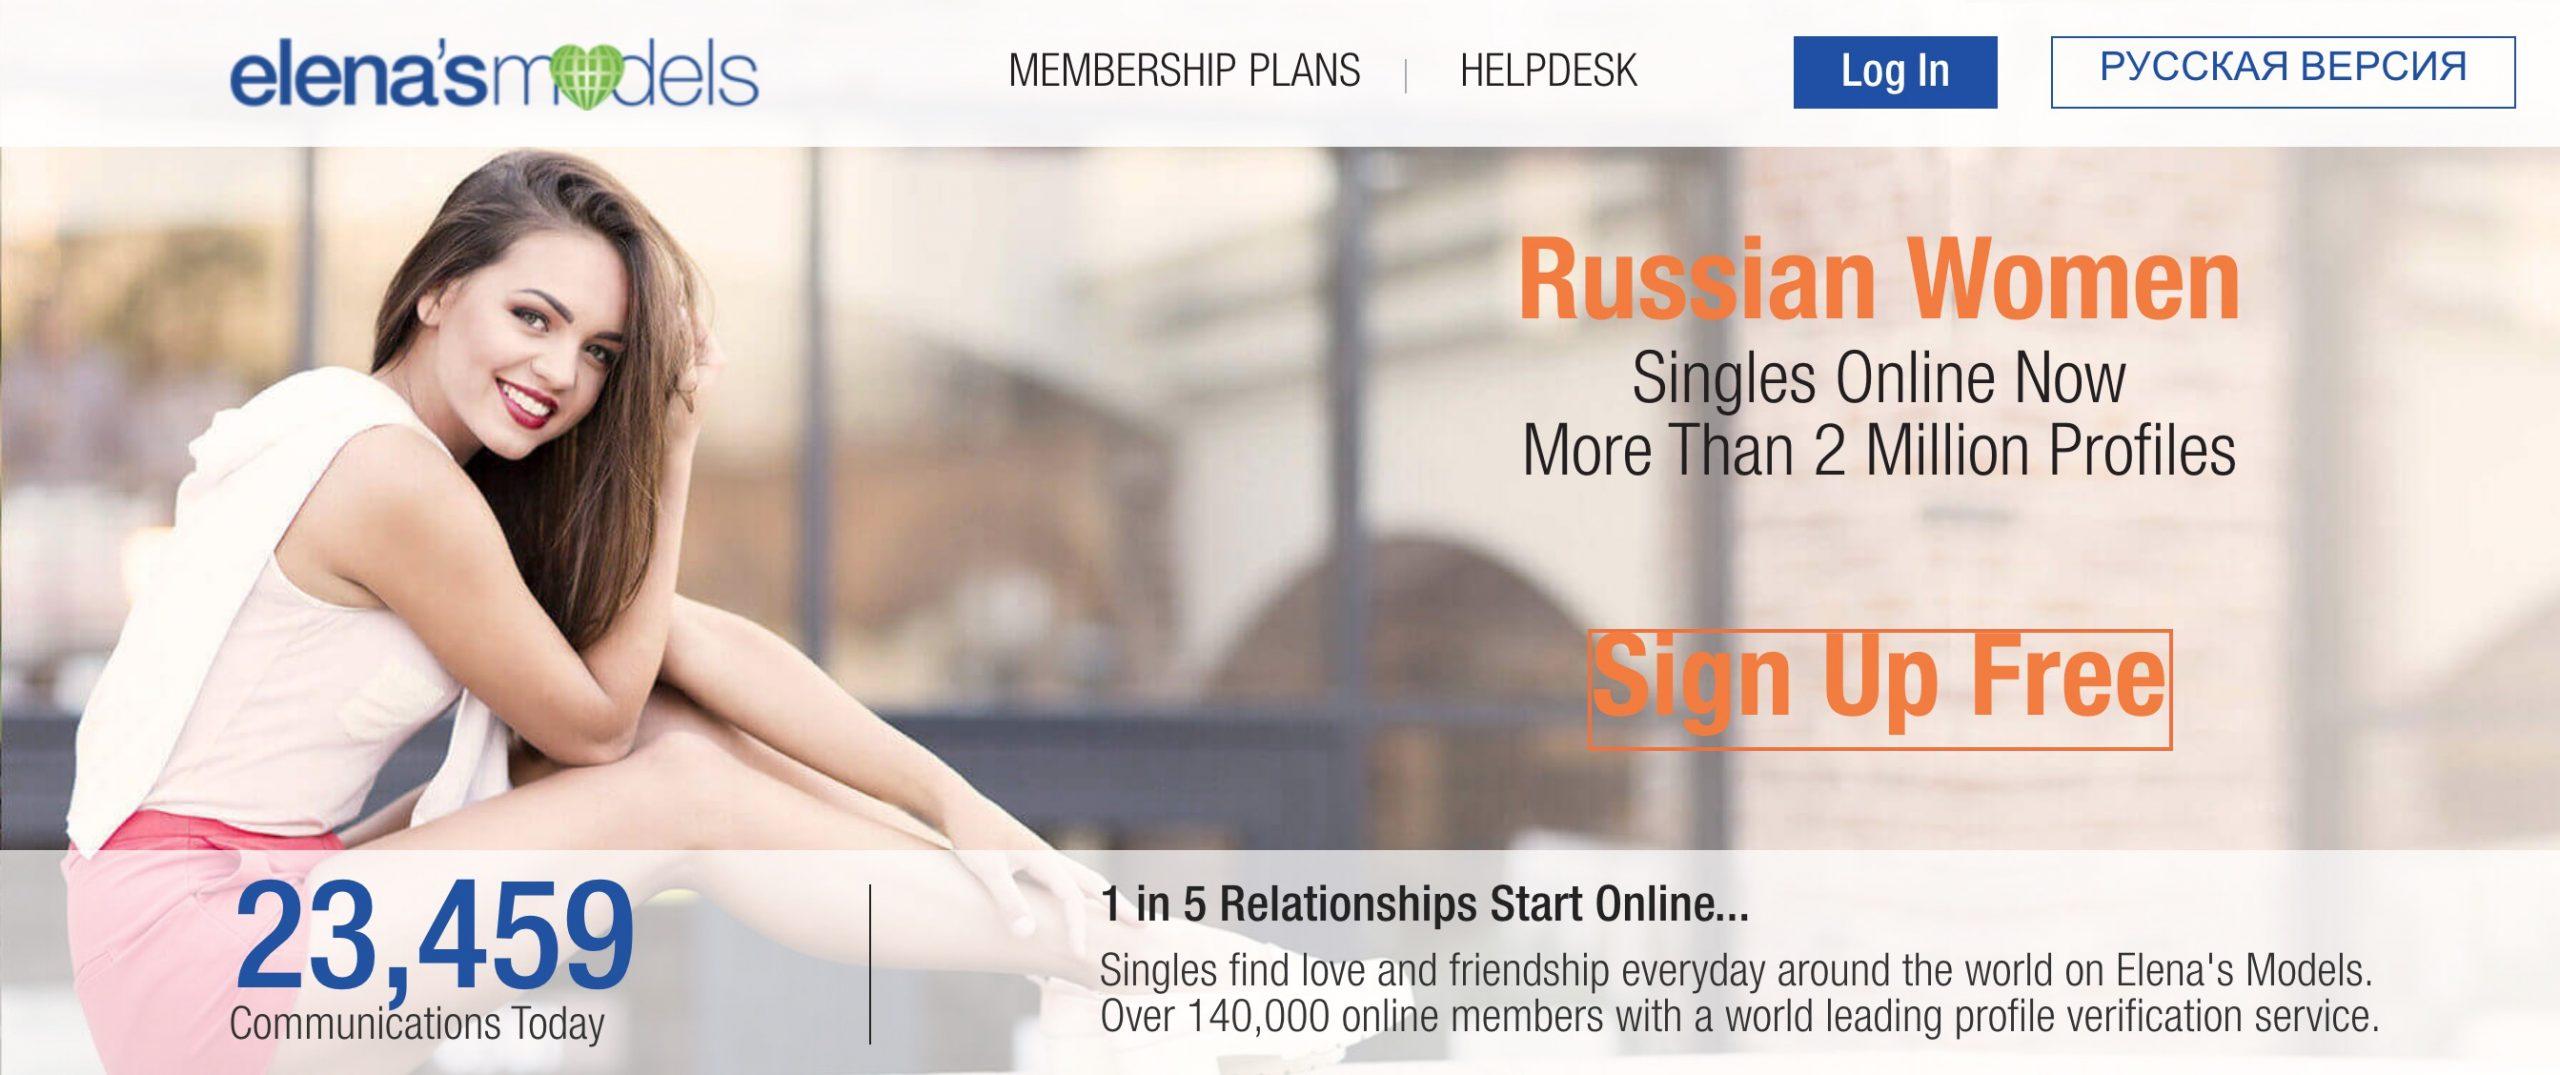 ElenasModels main page